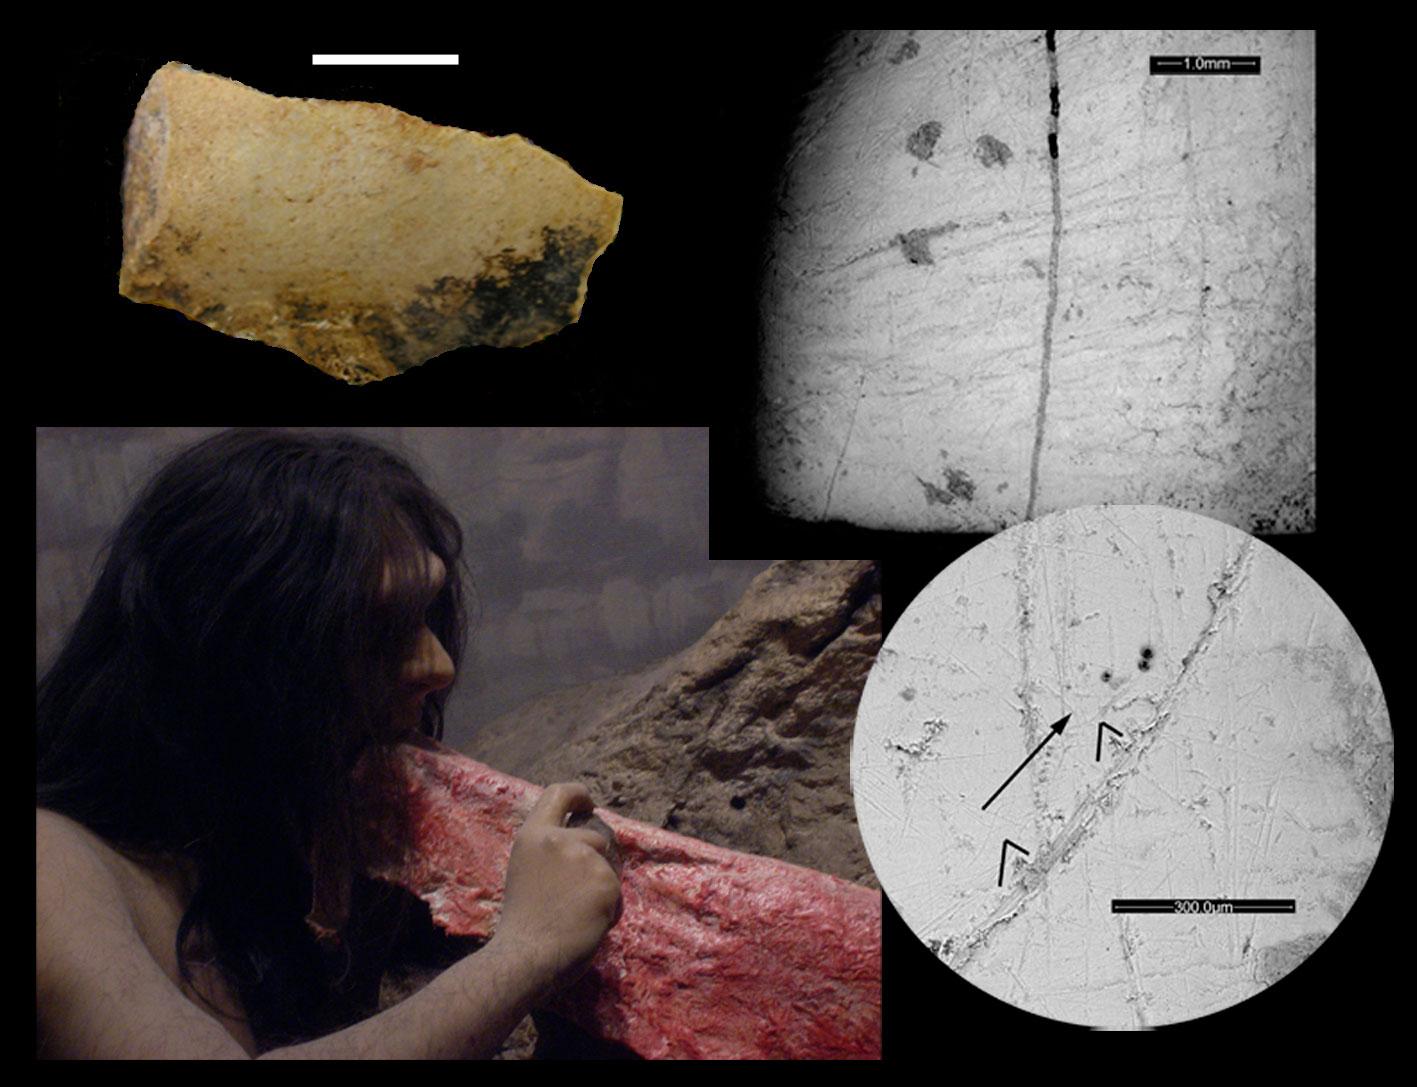 imagen de Foto 3: Neandertal realizando el gesto de 'agarra y corta', cuchillo lítico y detalle de las estrías culturales en las piezas dentales./ Grupo de Paleoantropología MNCN-CSIC